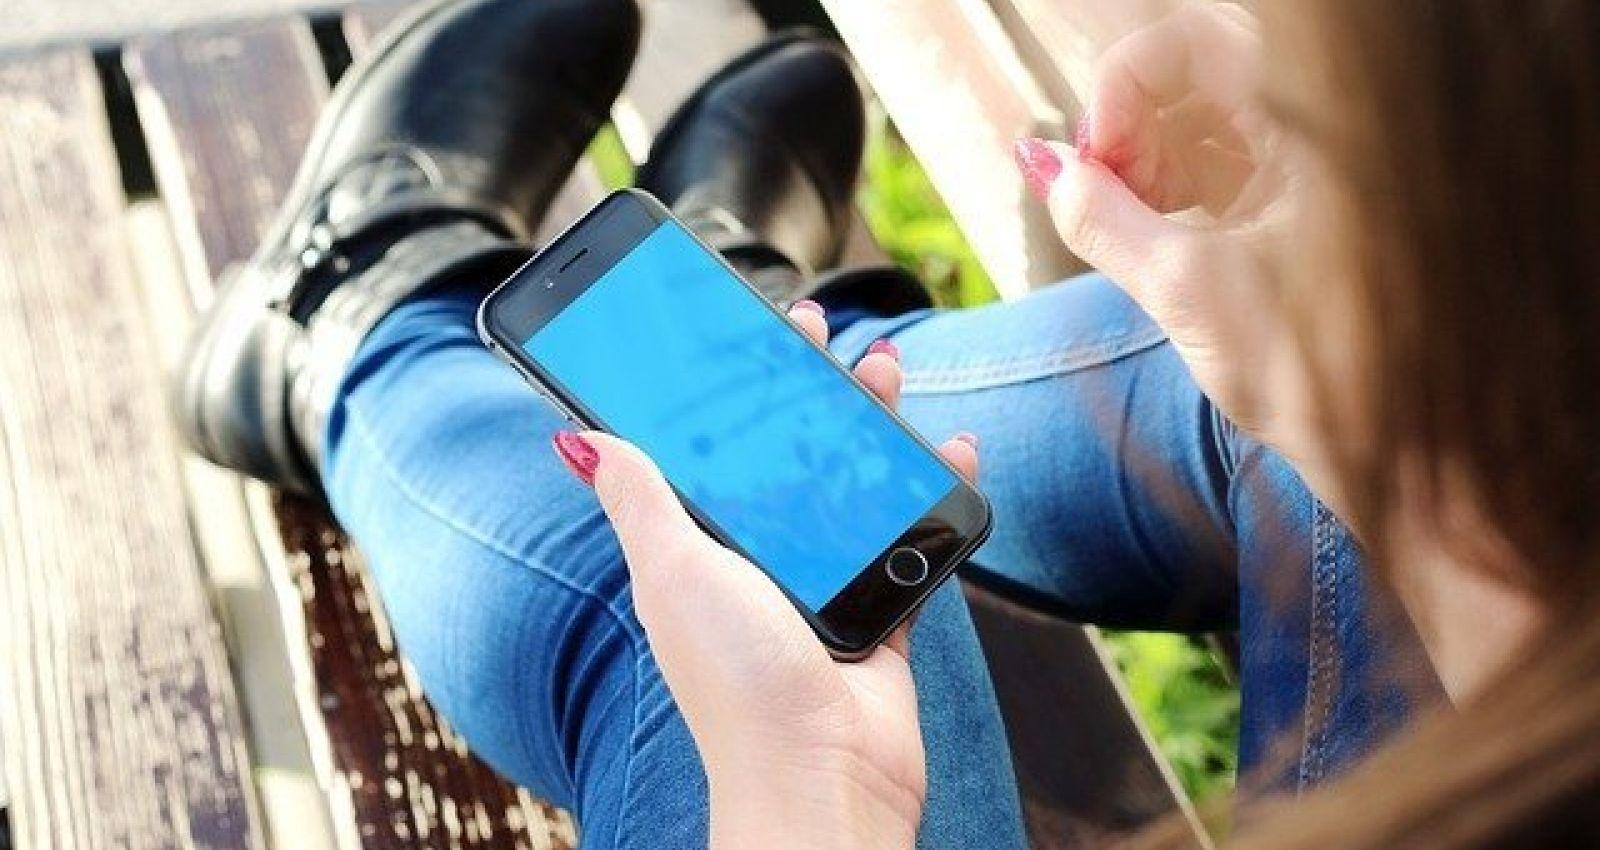 Дай телефон в интернете посидеть: воспитанницы детского учреждения на Алтае обокрали педагога